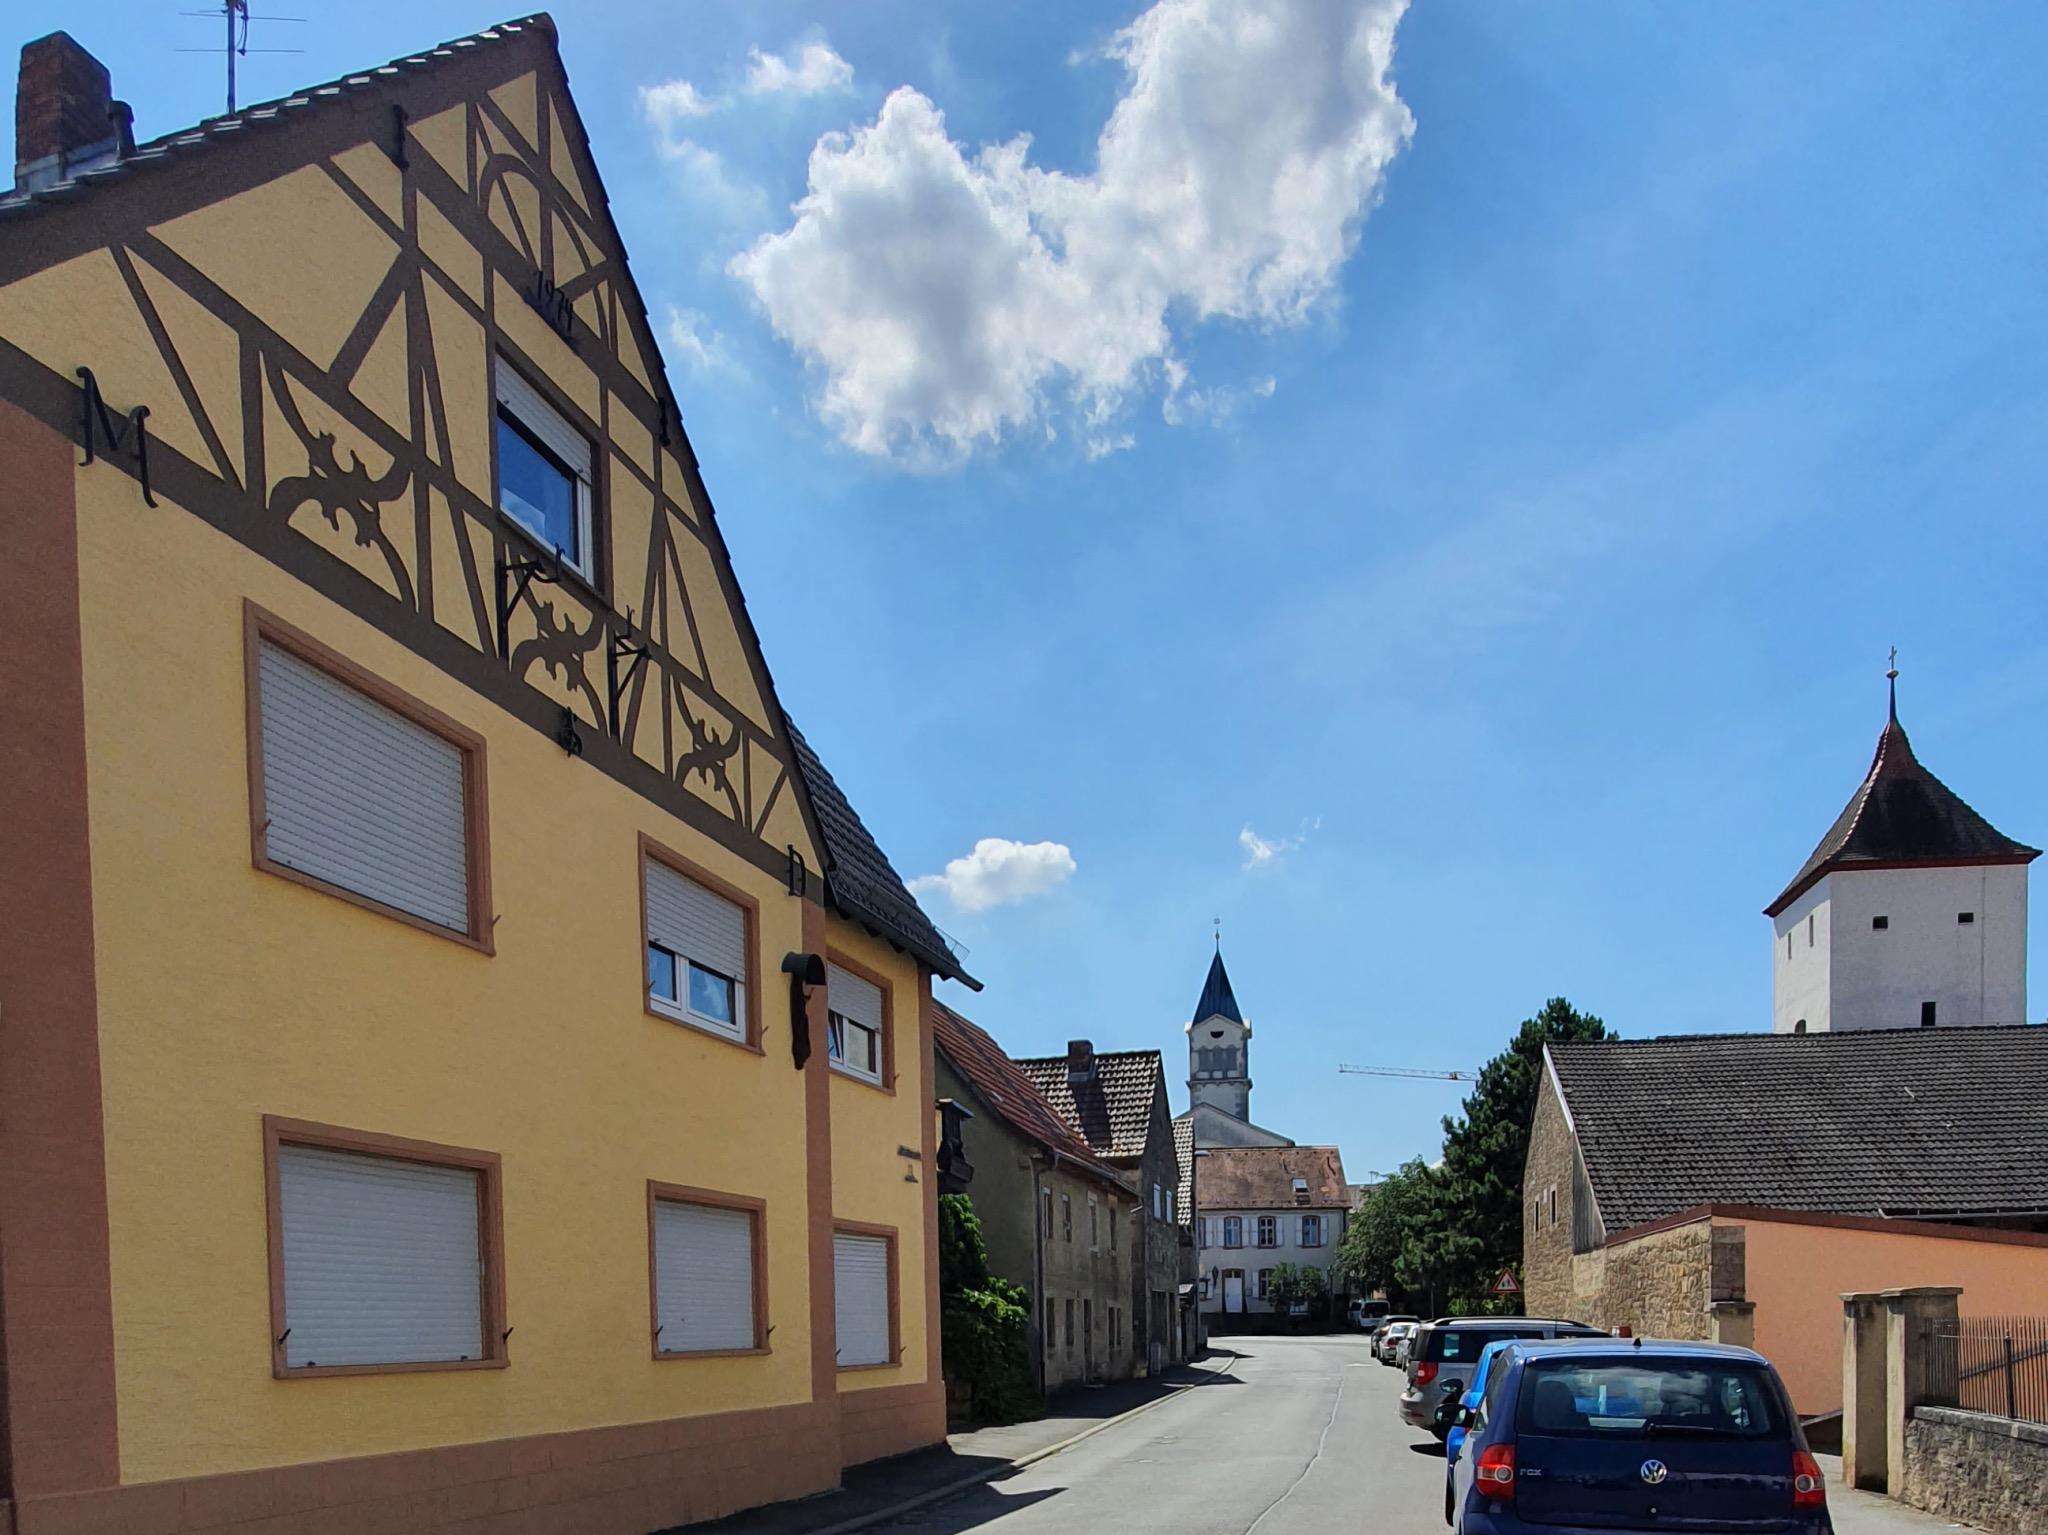 Wolfskeelstraße: Eine der Hauptverkehrsstraßen in Rottenbauer erinnert heute an den jahrhundertelangen Einfluss der Adelsfamilie. Foto: Jacob Grimm